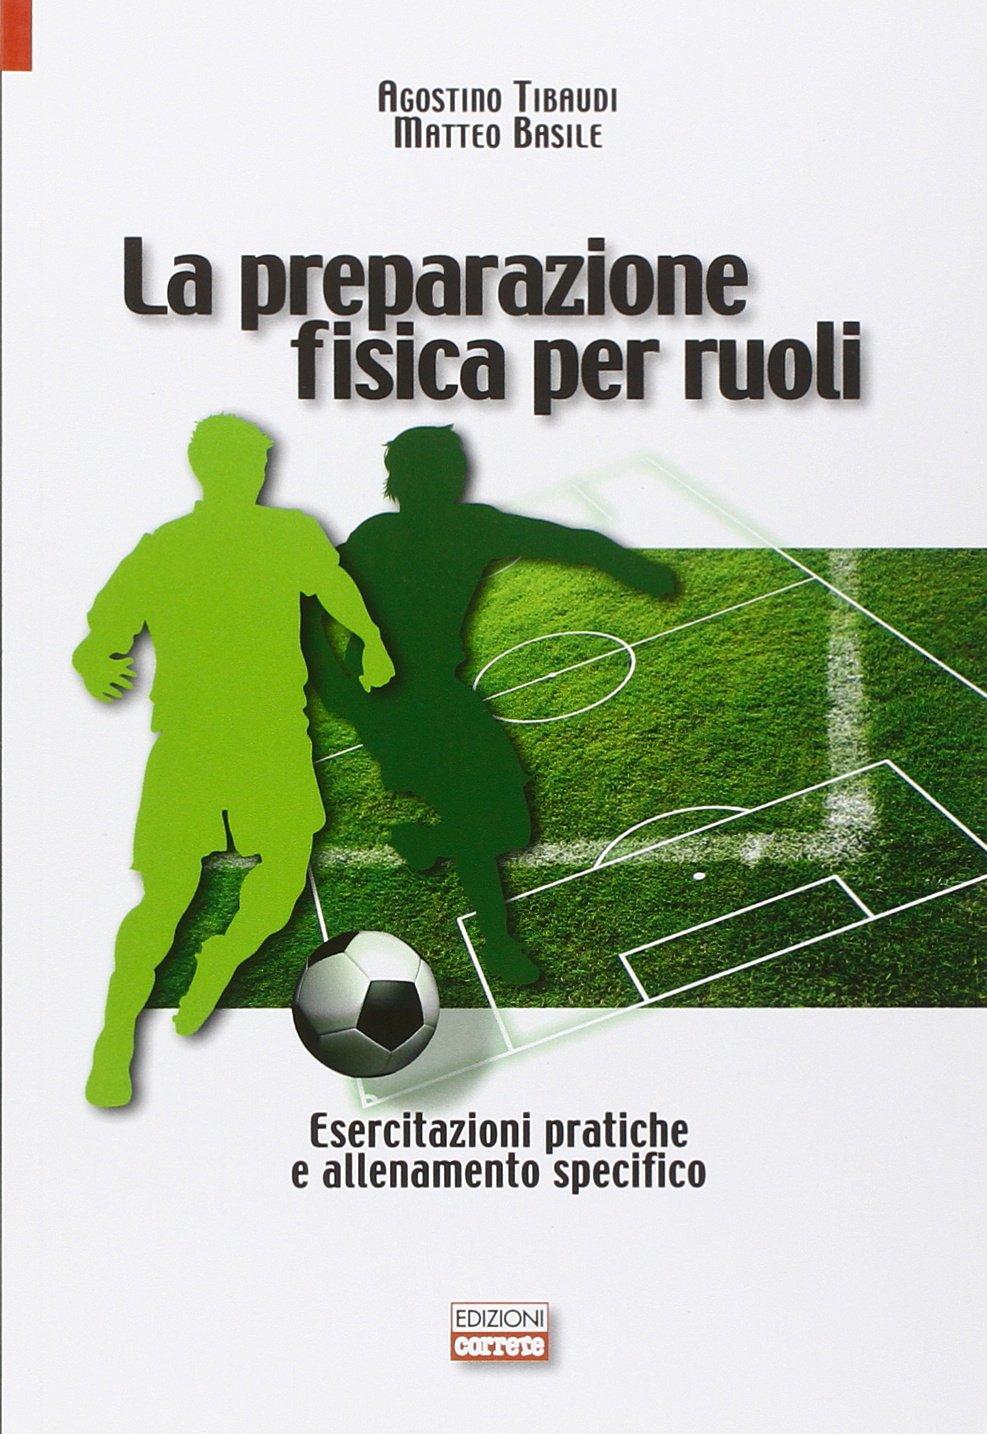 La preparazione fisica per ruoli. Esercitazioni pratiche e allenamento Copertina flessibile – 31 gen 2014 Agostino Tibaudi Matteo Basile Correre 8898889178